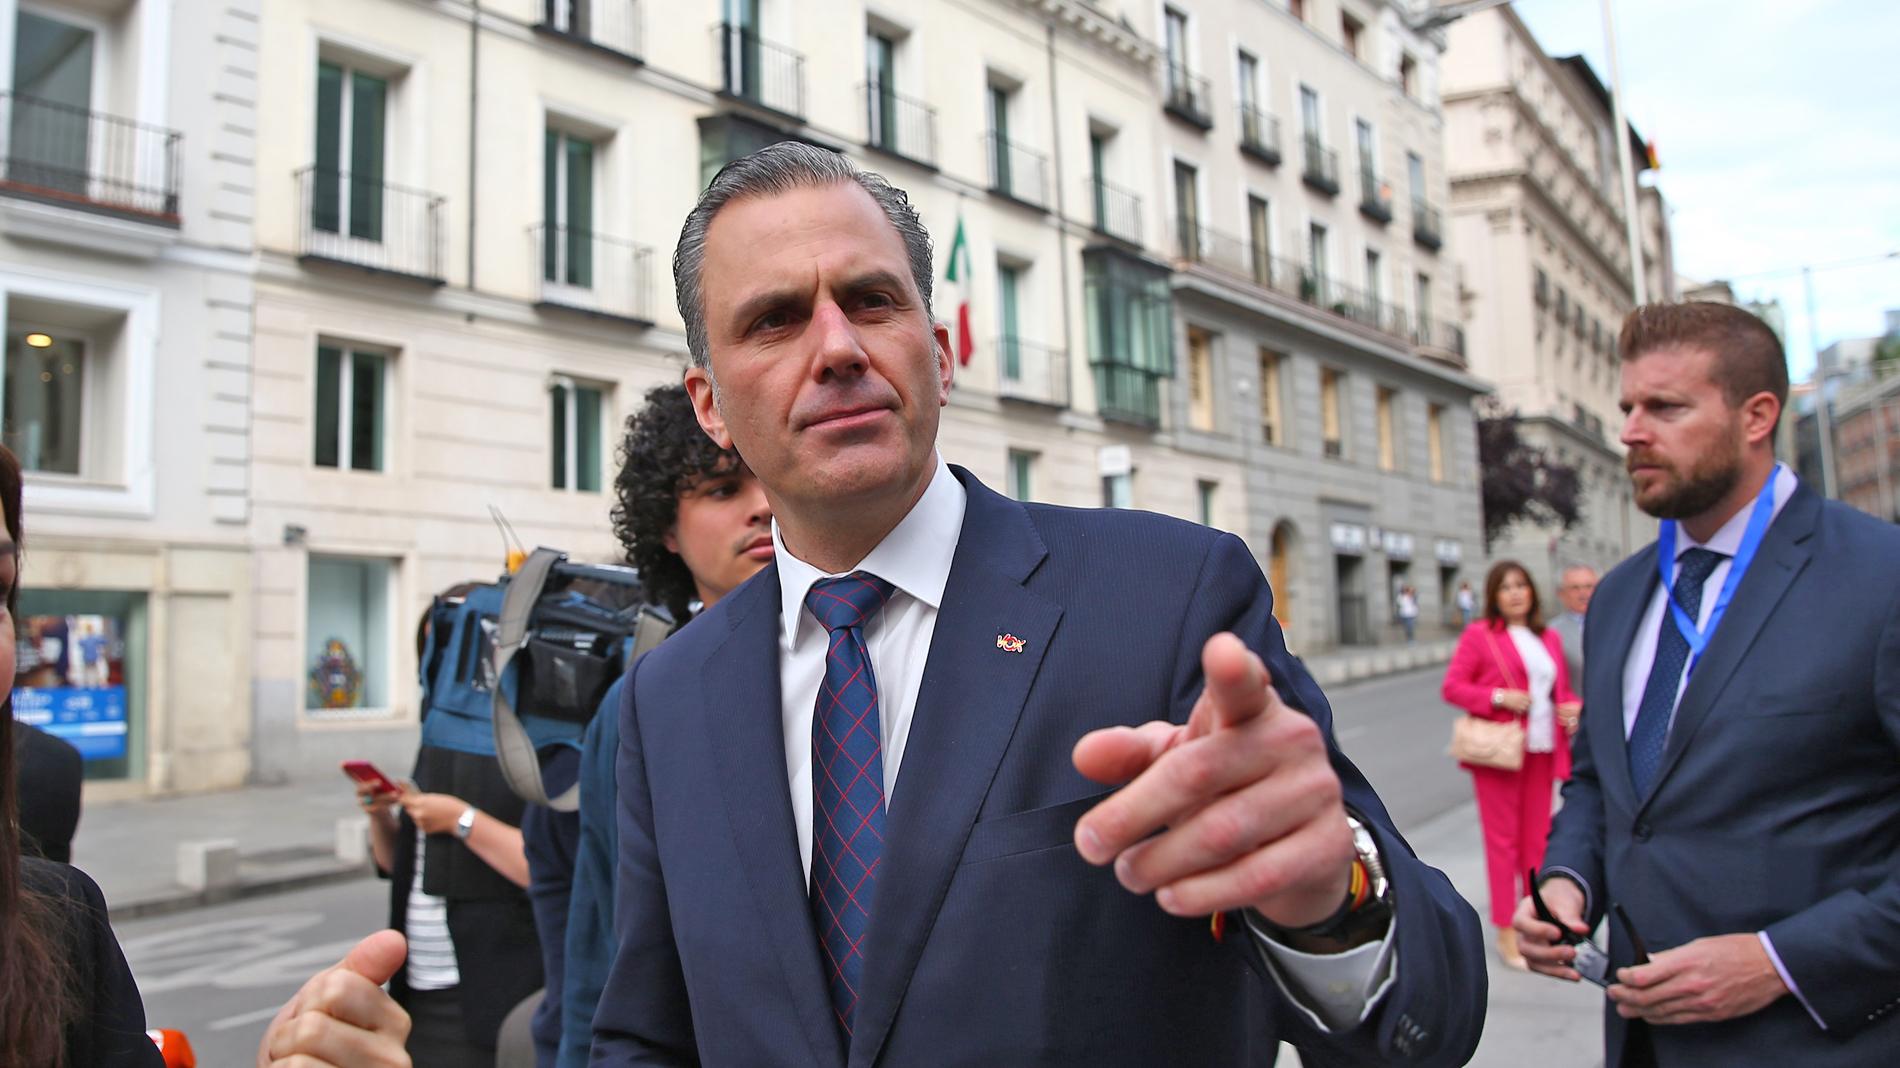 Ir al VideoVox reitera que pidieron representación en la Mesa y el Gobierno de Madrid en proporción a sus votos y que fue aceptado por el PP